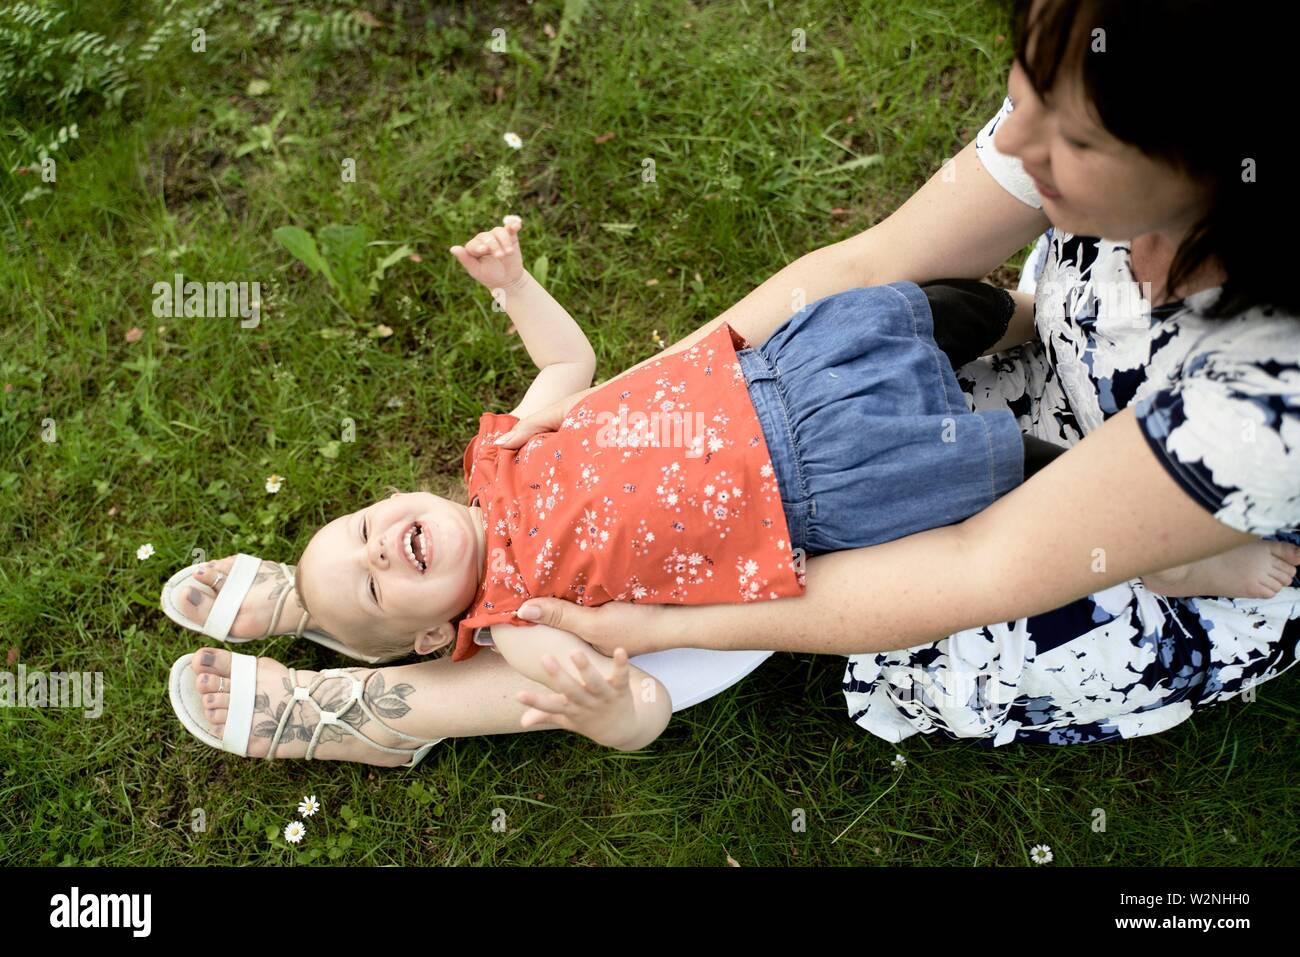 Grand-mère d'âge moyen en jouant avec sa petite-fille bébé tout-petit à l'extérieur sur meadow in park Banque D'Images